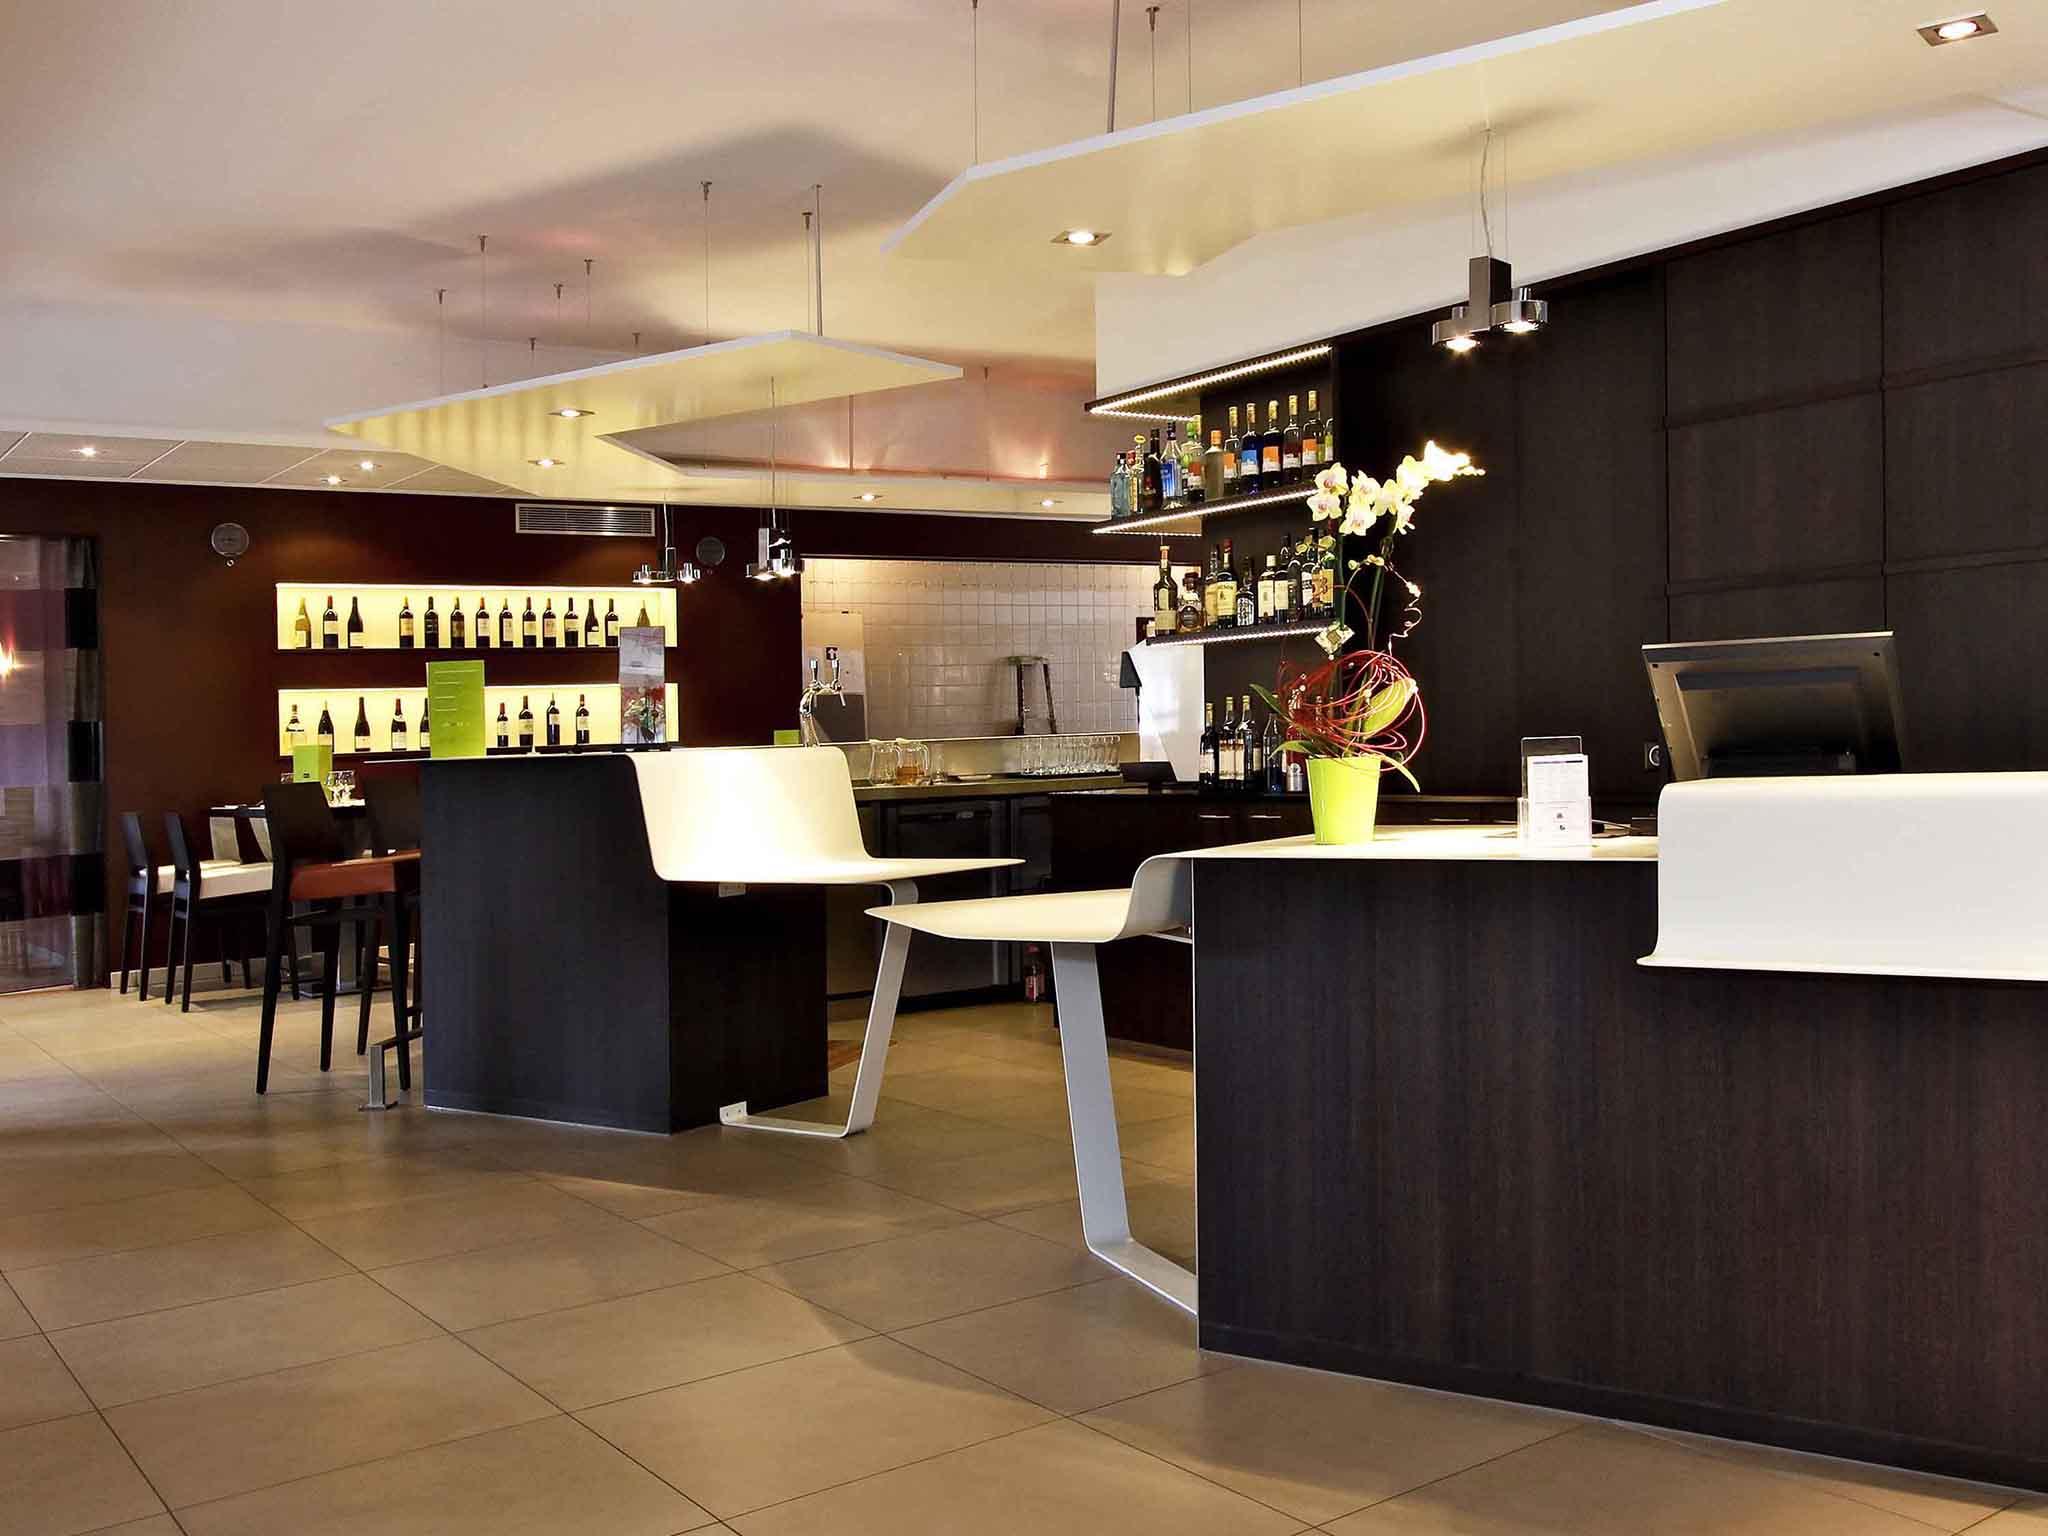 酒店 – 法国吕克瑟伊莱班美居酒店